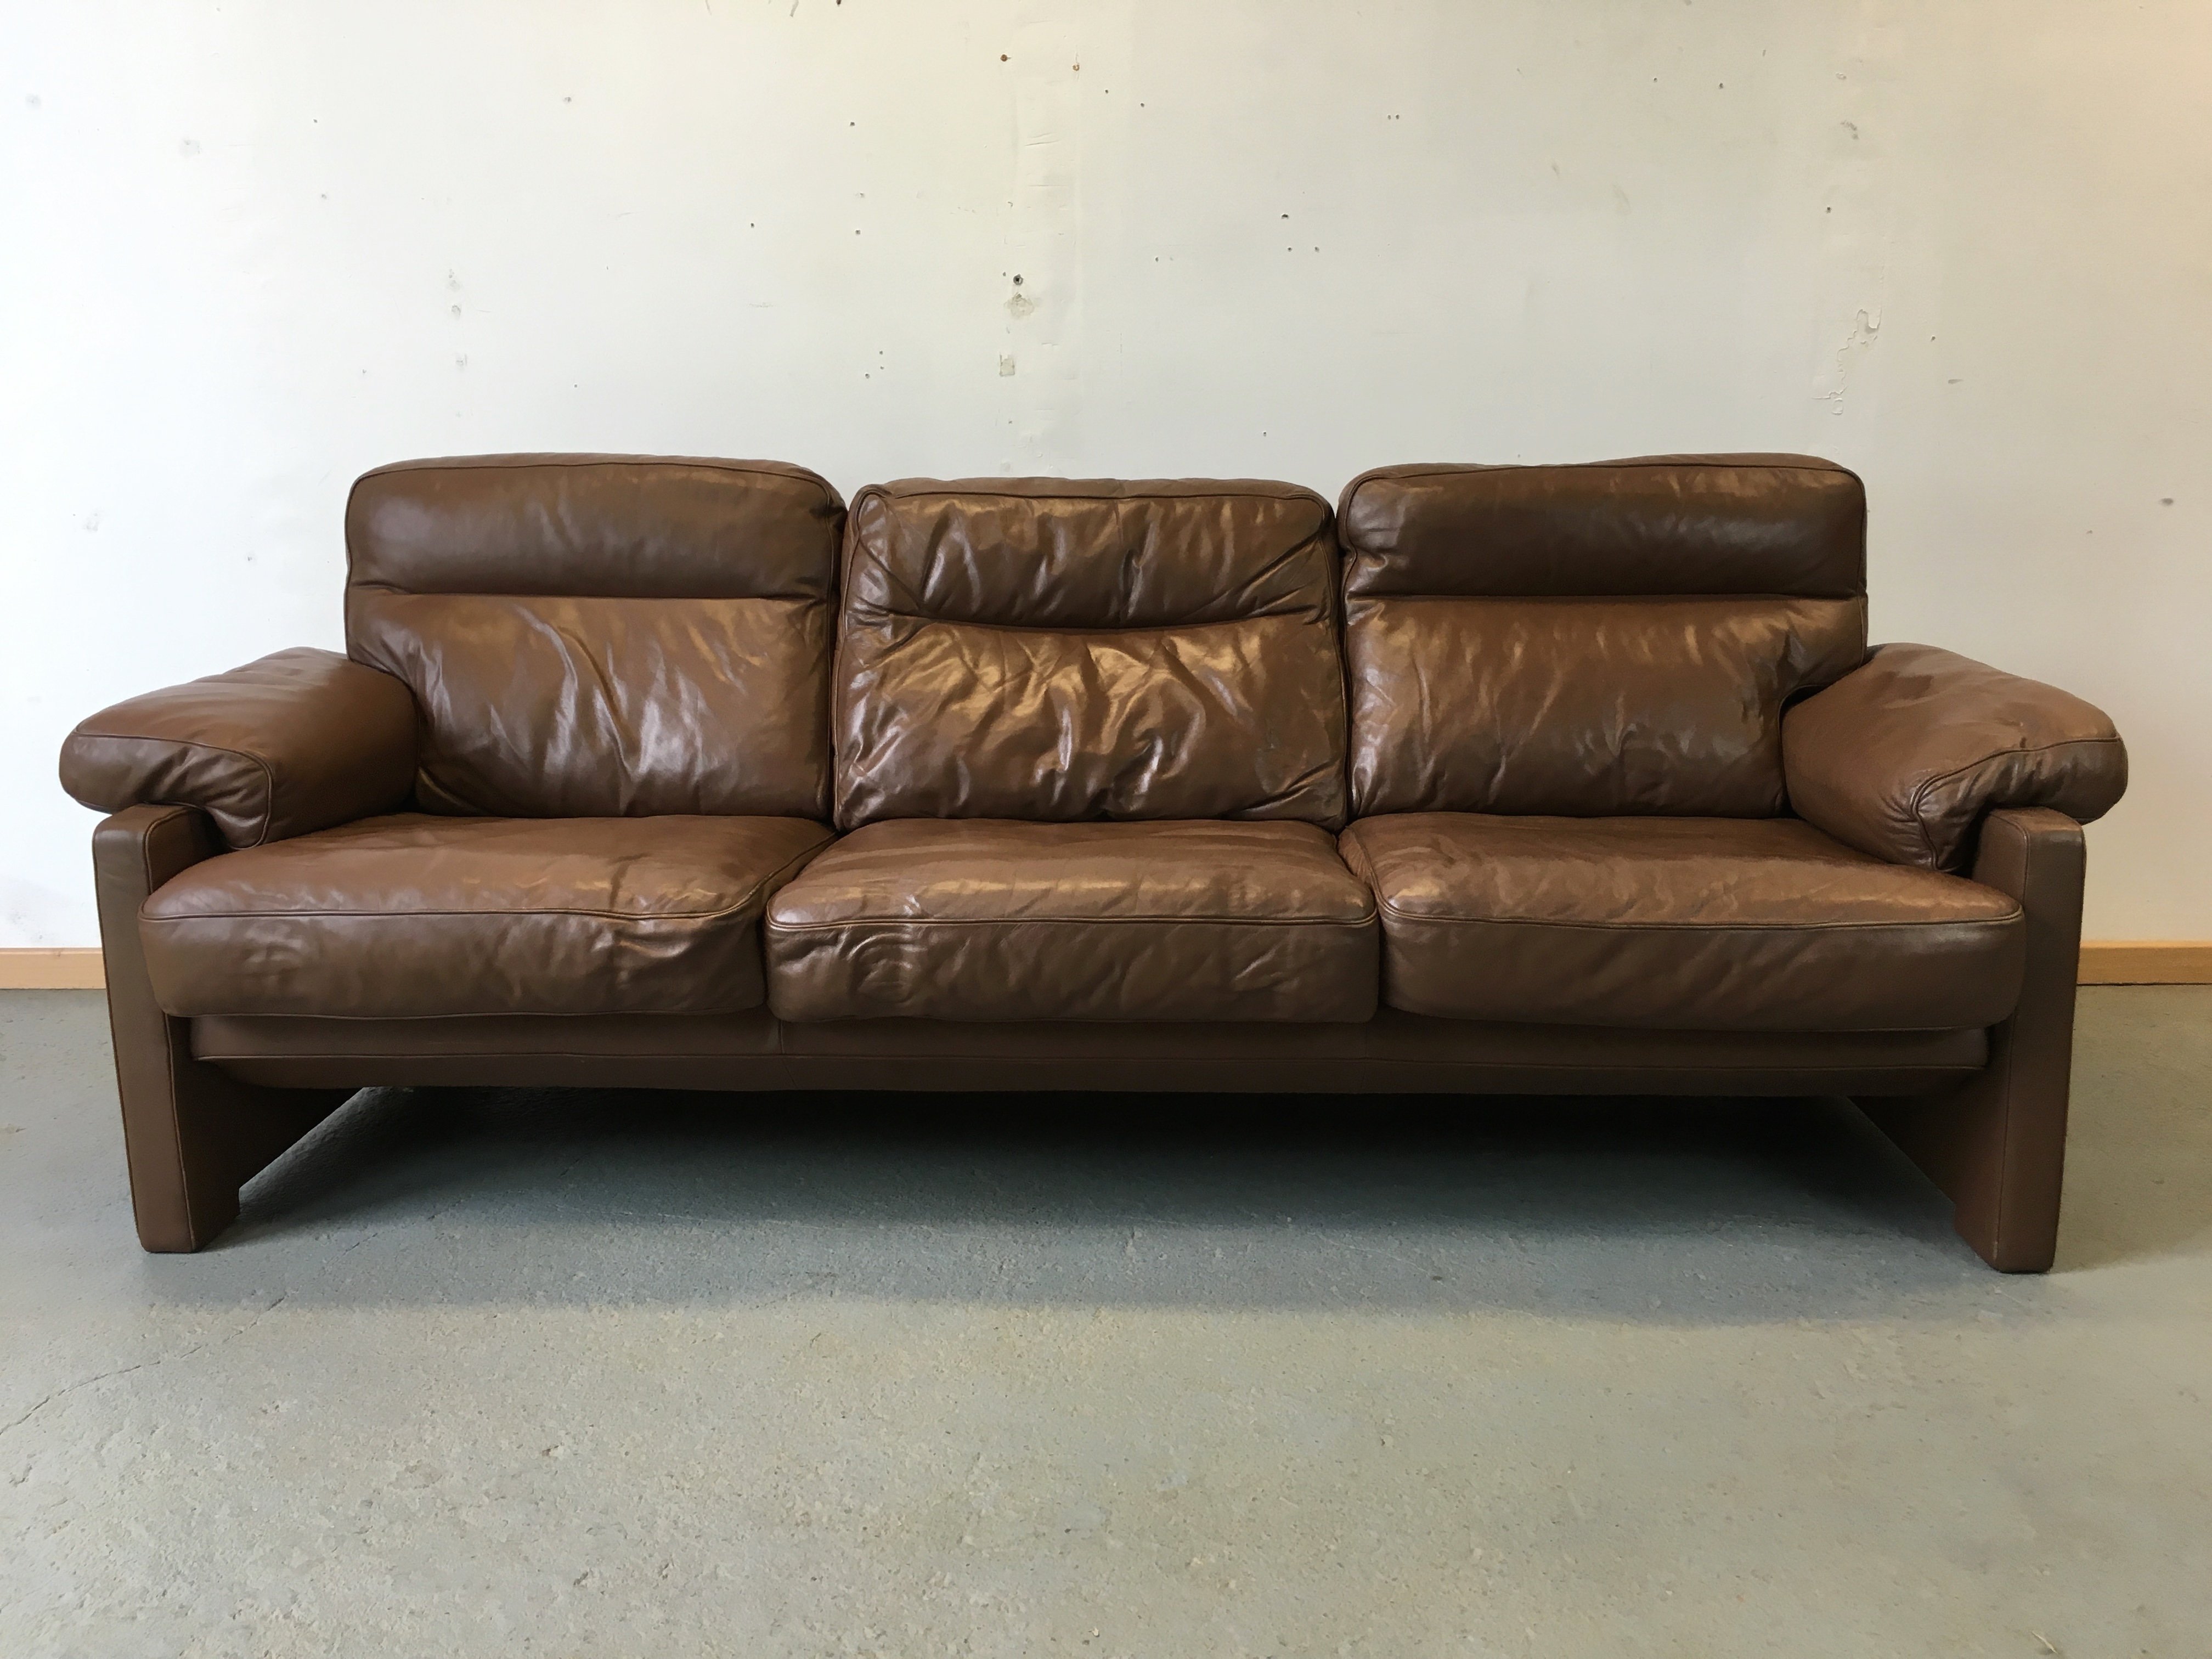 Canap cuir de sede vintage sofa de sede leather Sofas 50 sarria de ter